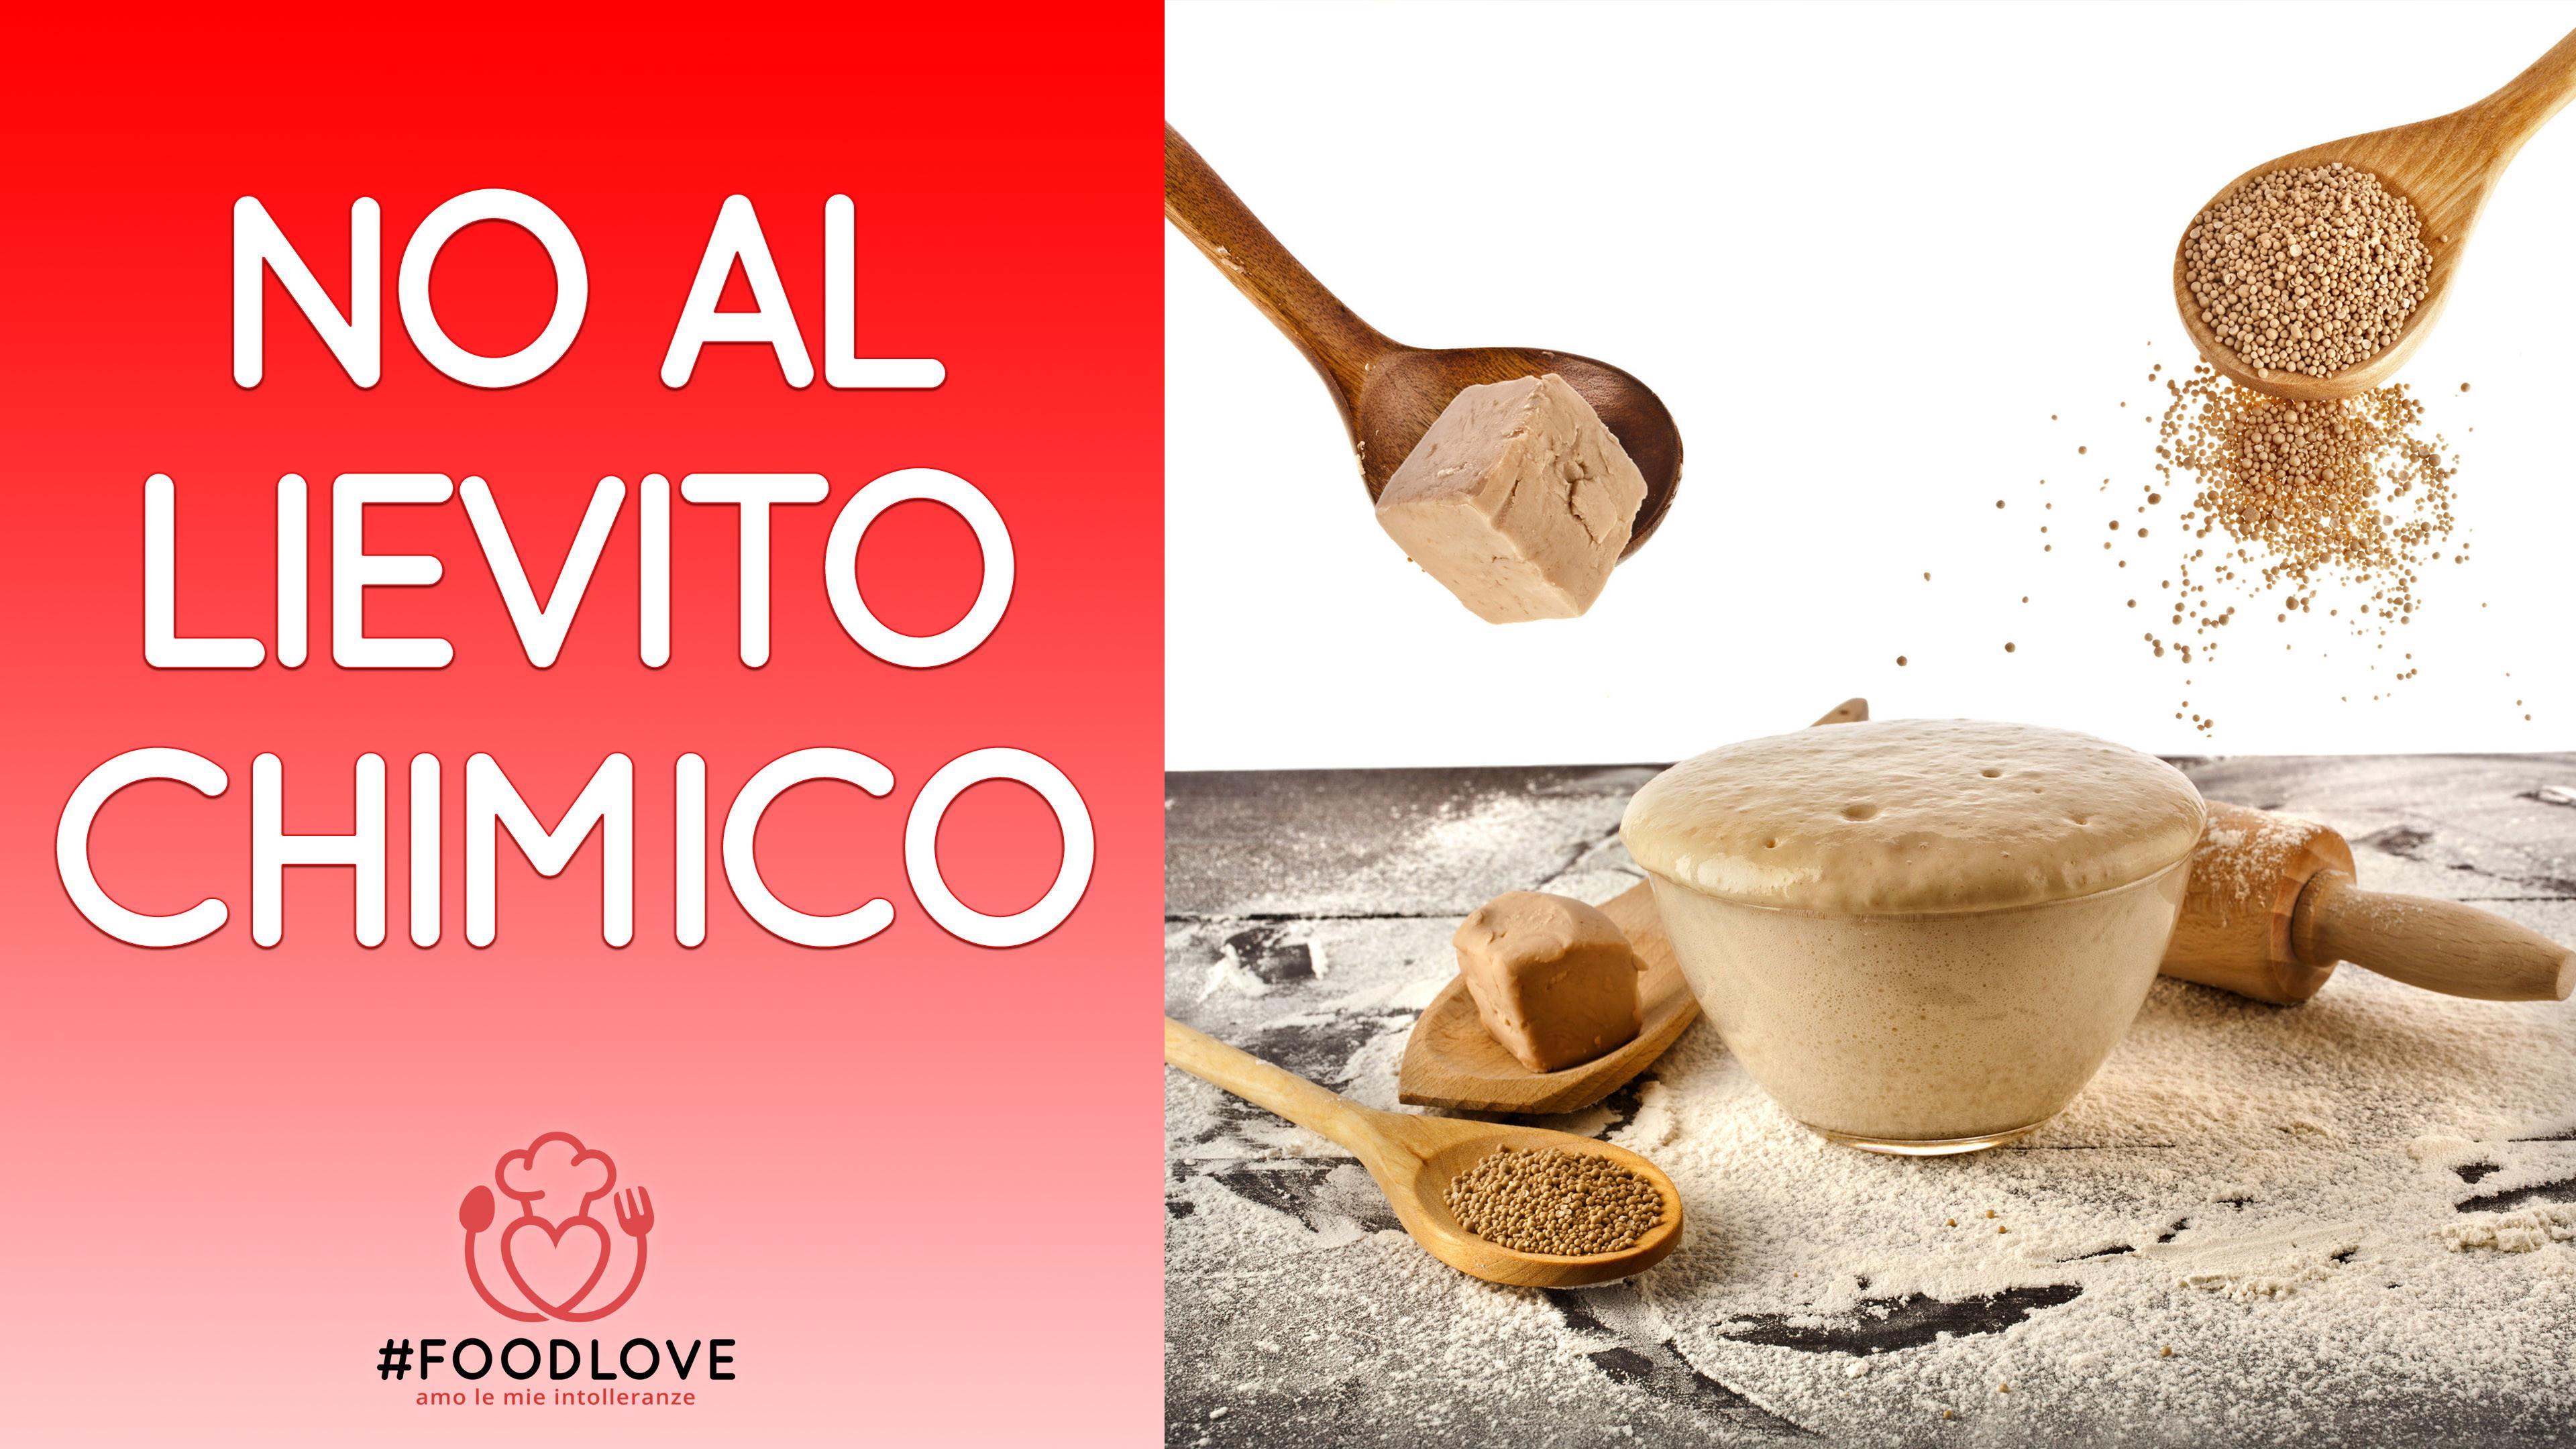 LIEVITO NATURALE, Alternativa Green al Lievito CHIMICO Non Innaturale   VLOG   FoodLove ep. 36